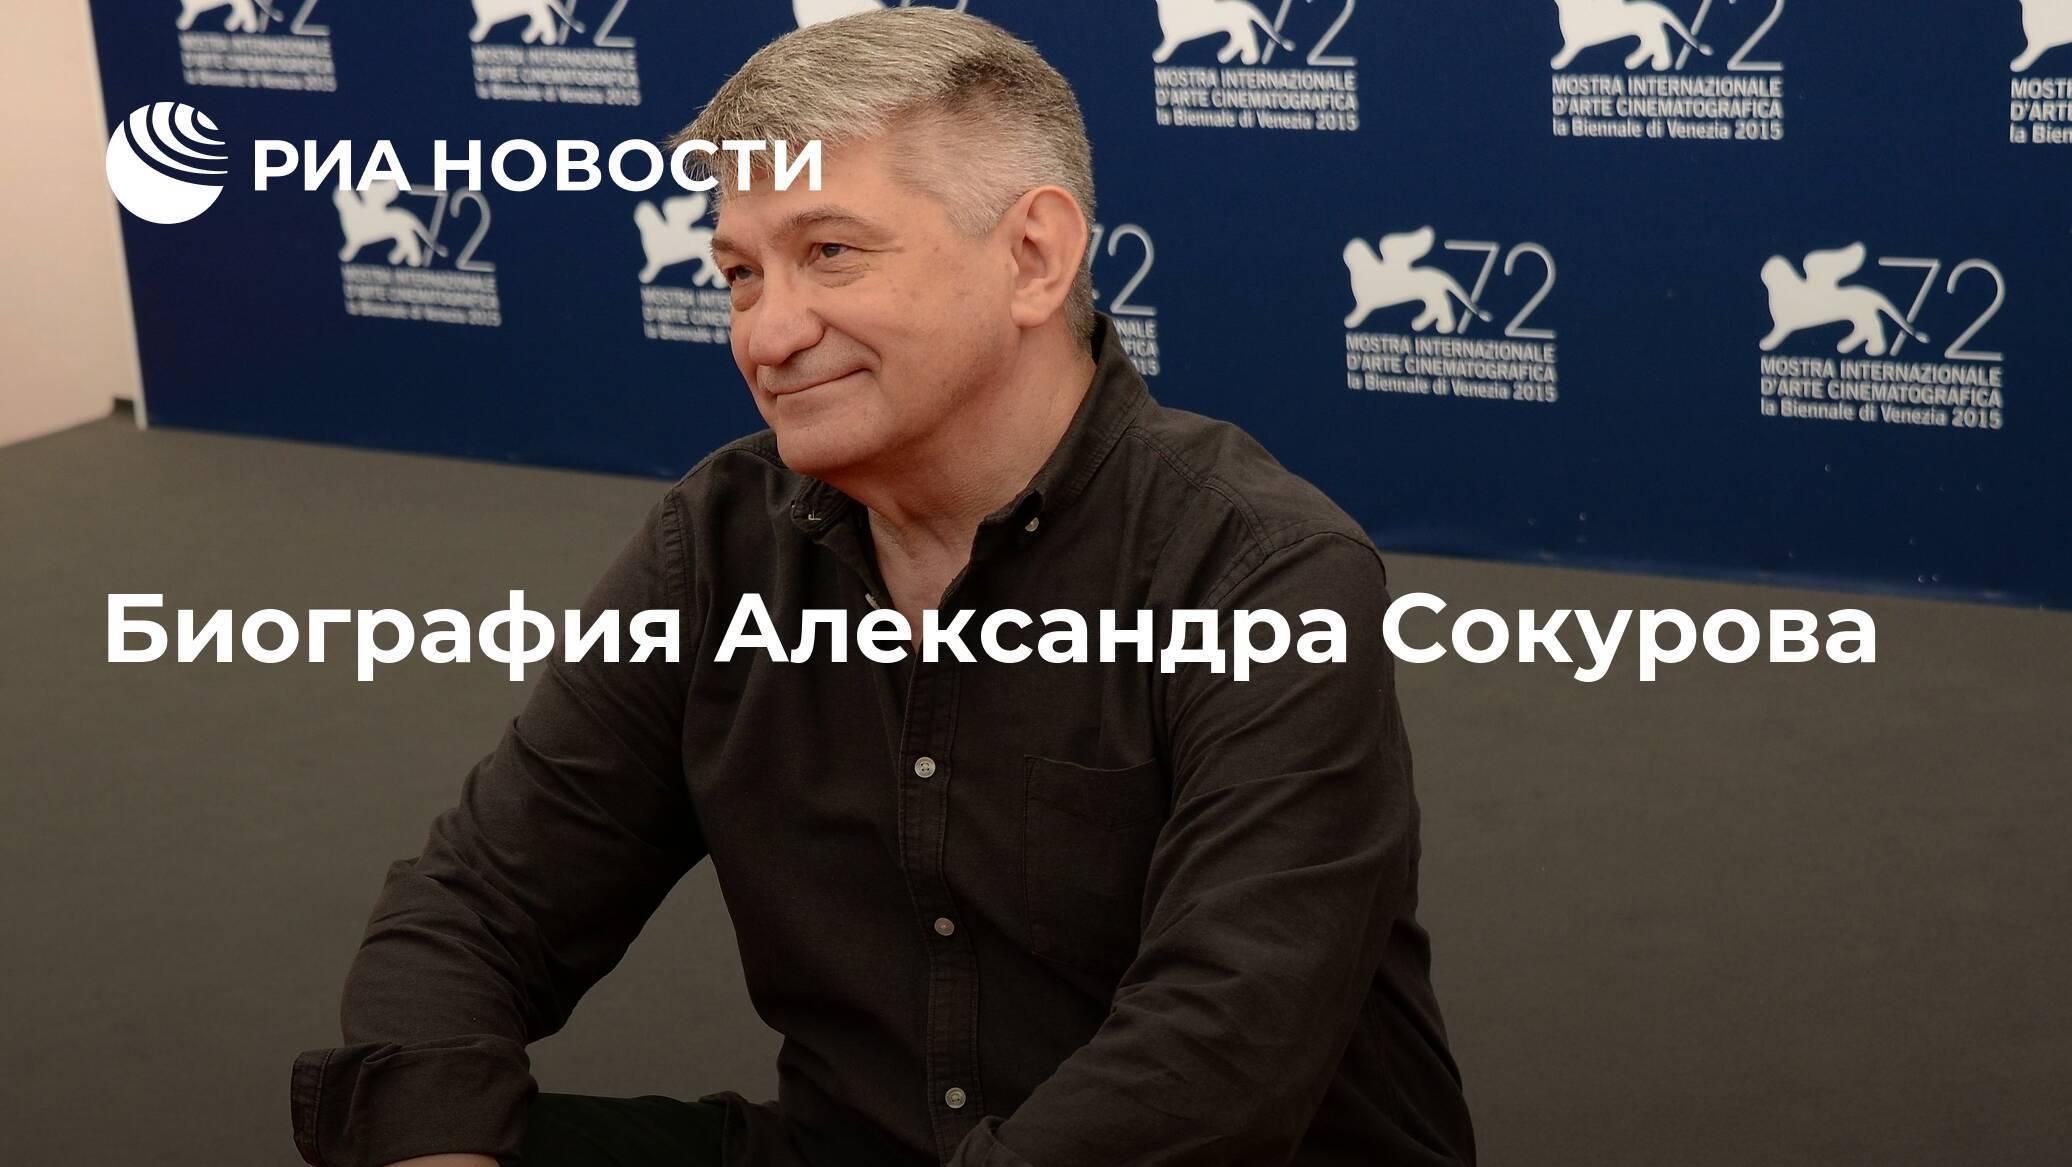 Александр сокуров – фильмы режиссера и биография обладателя премии золотой лев